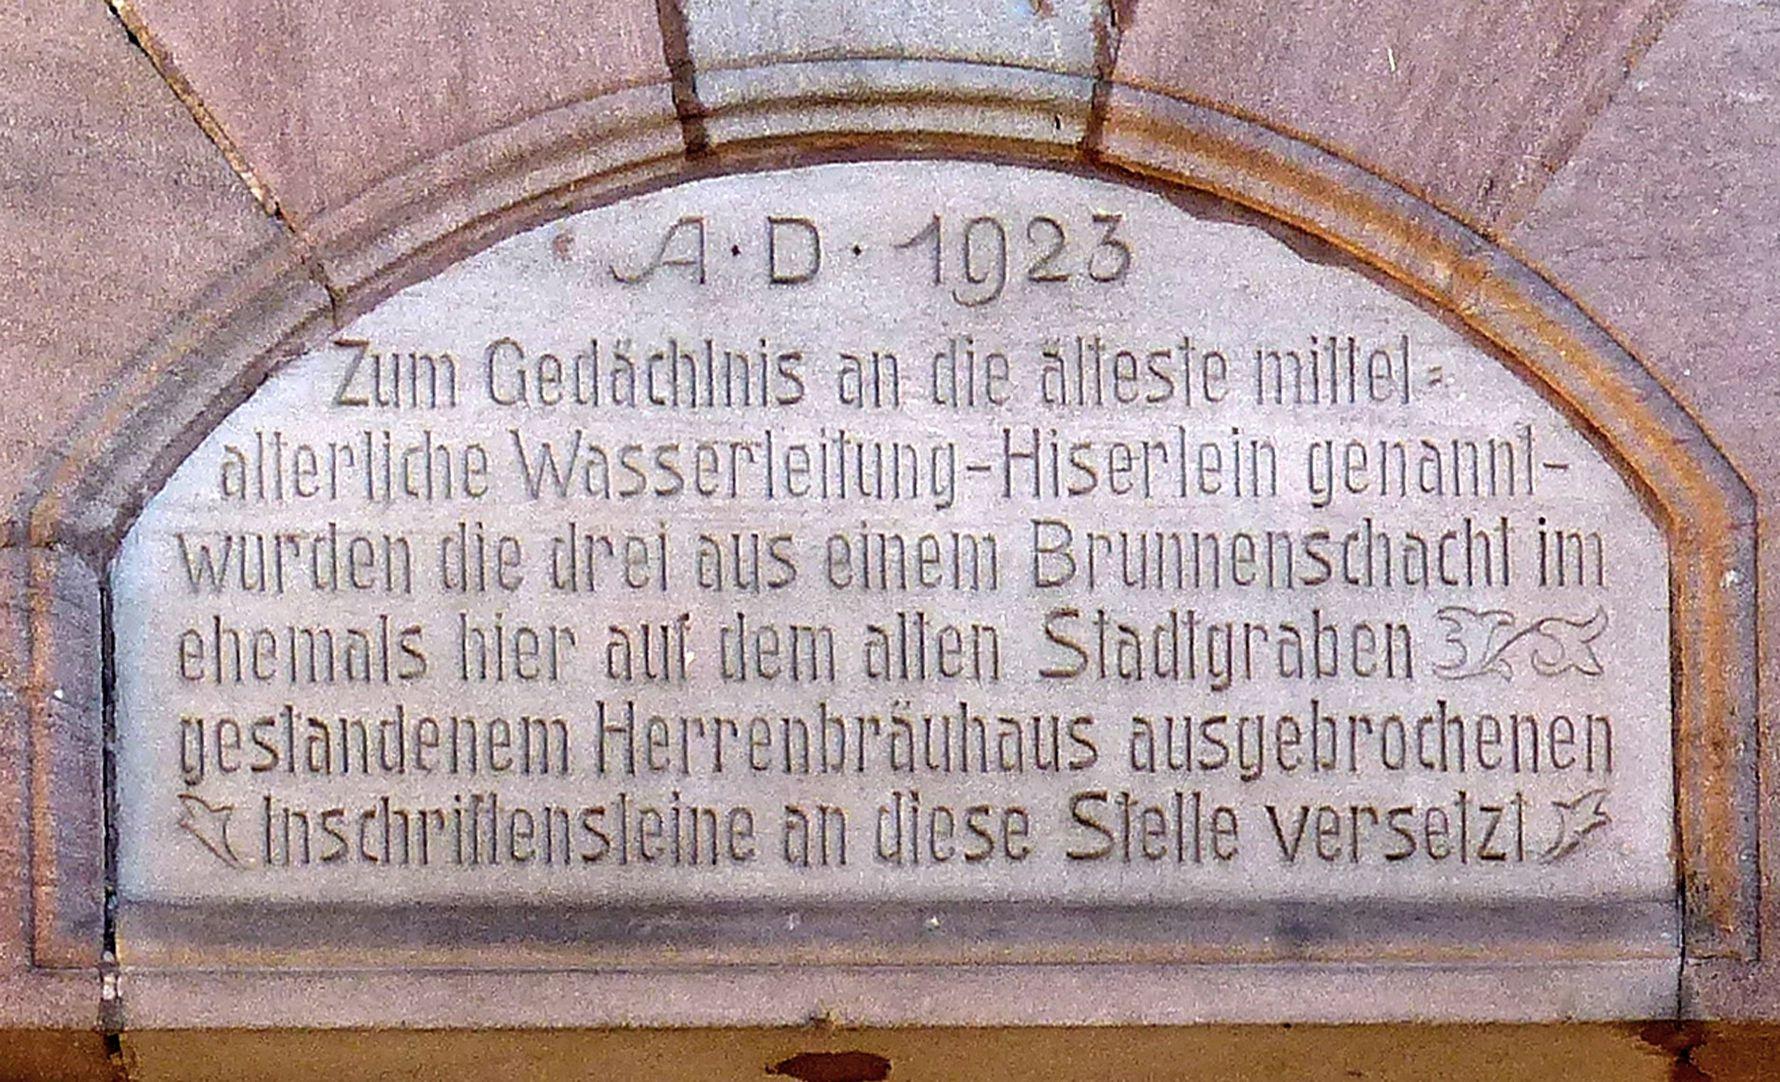 ehemalige Allgemeine Ortskrankenkasse Rückfassade, Tafel mit Inschrift von 1923